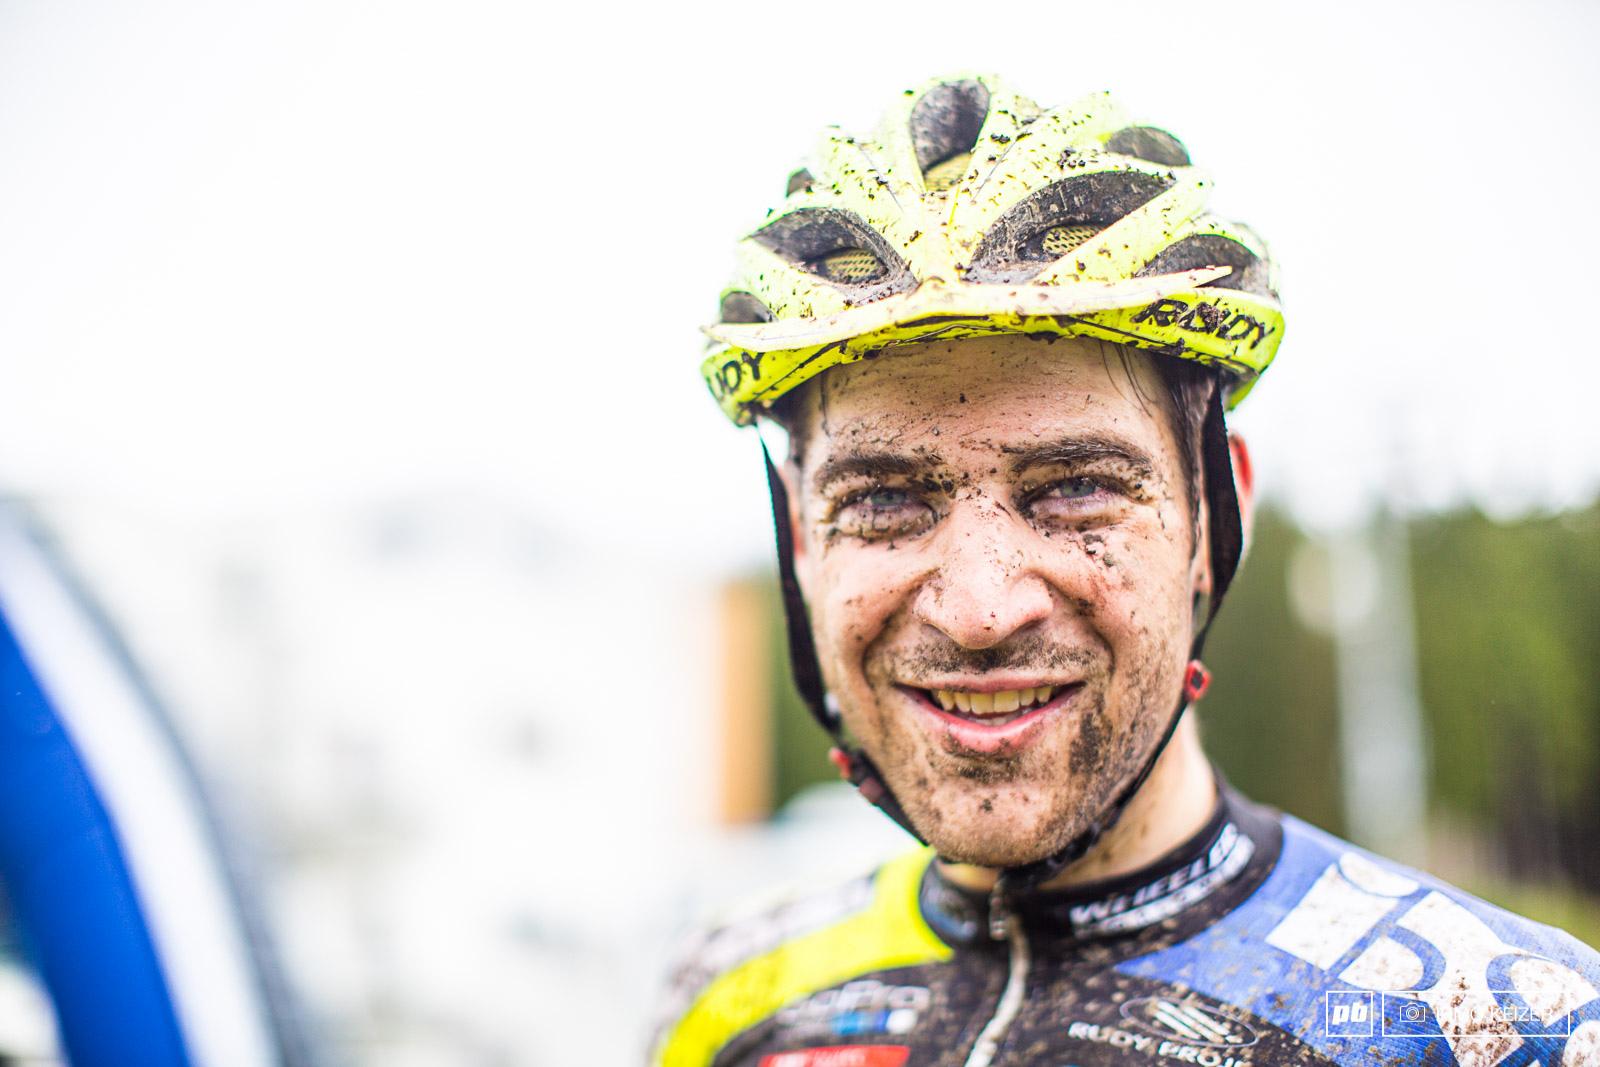 Lars Forster s after-battle face.